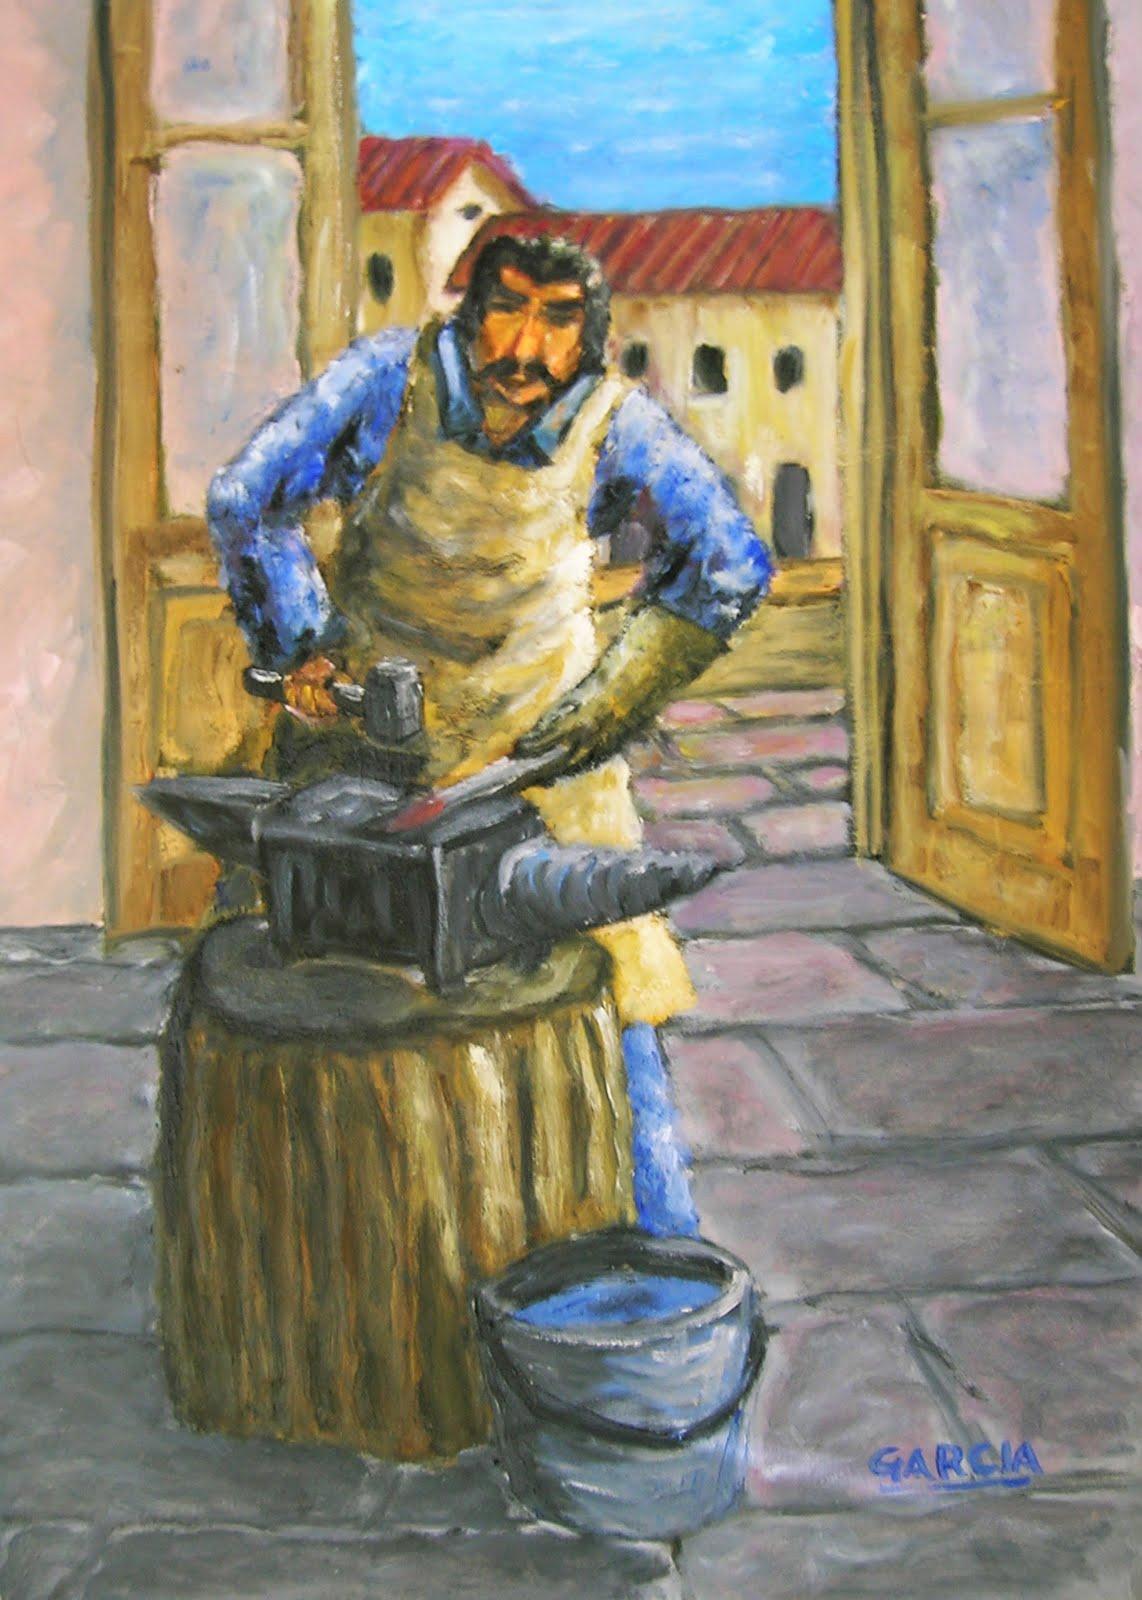 gabriela garcia pinturas Hombres Trabajando